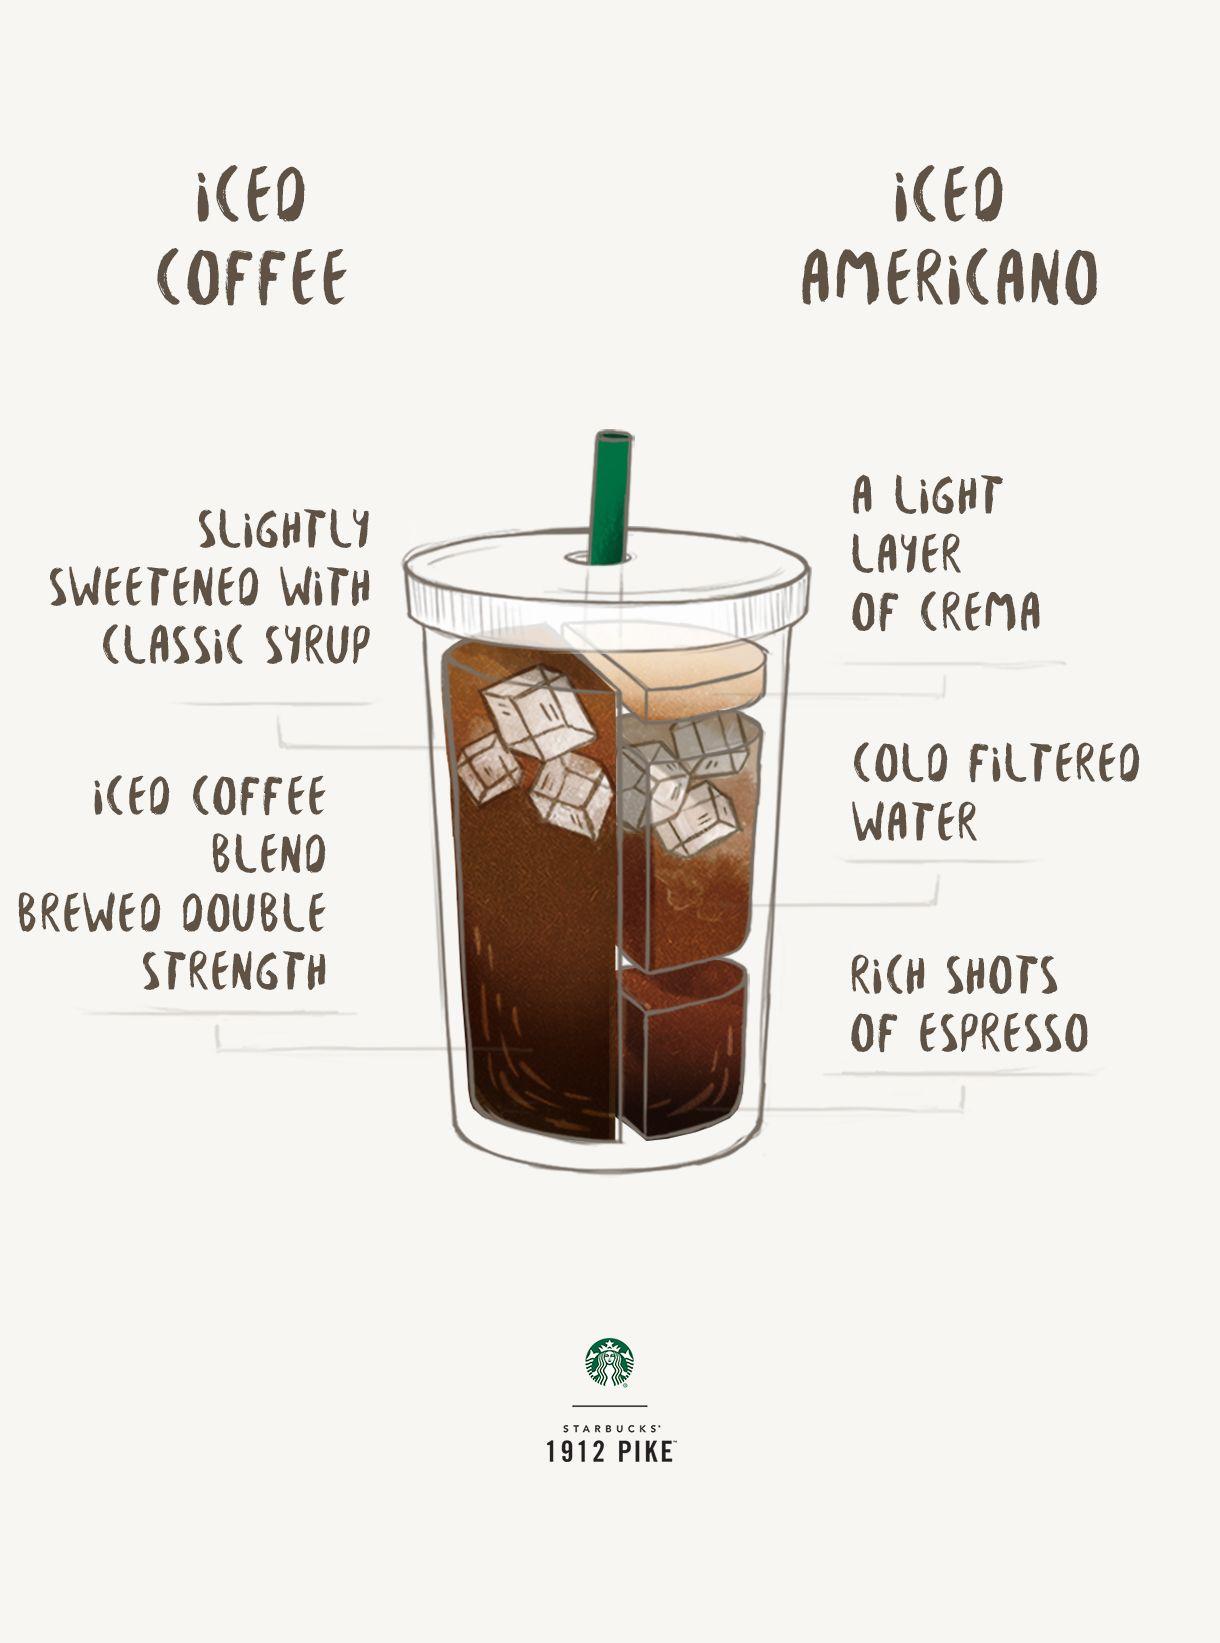 Iced Coffee vs. Iced Americano Iced americano, Coffee